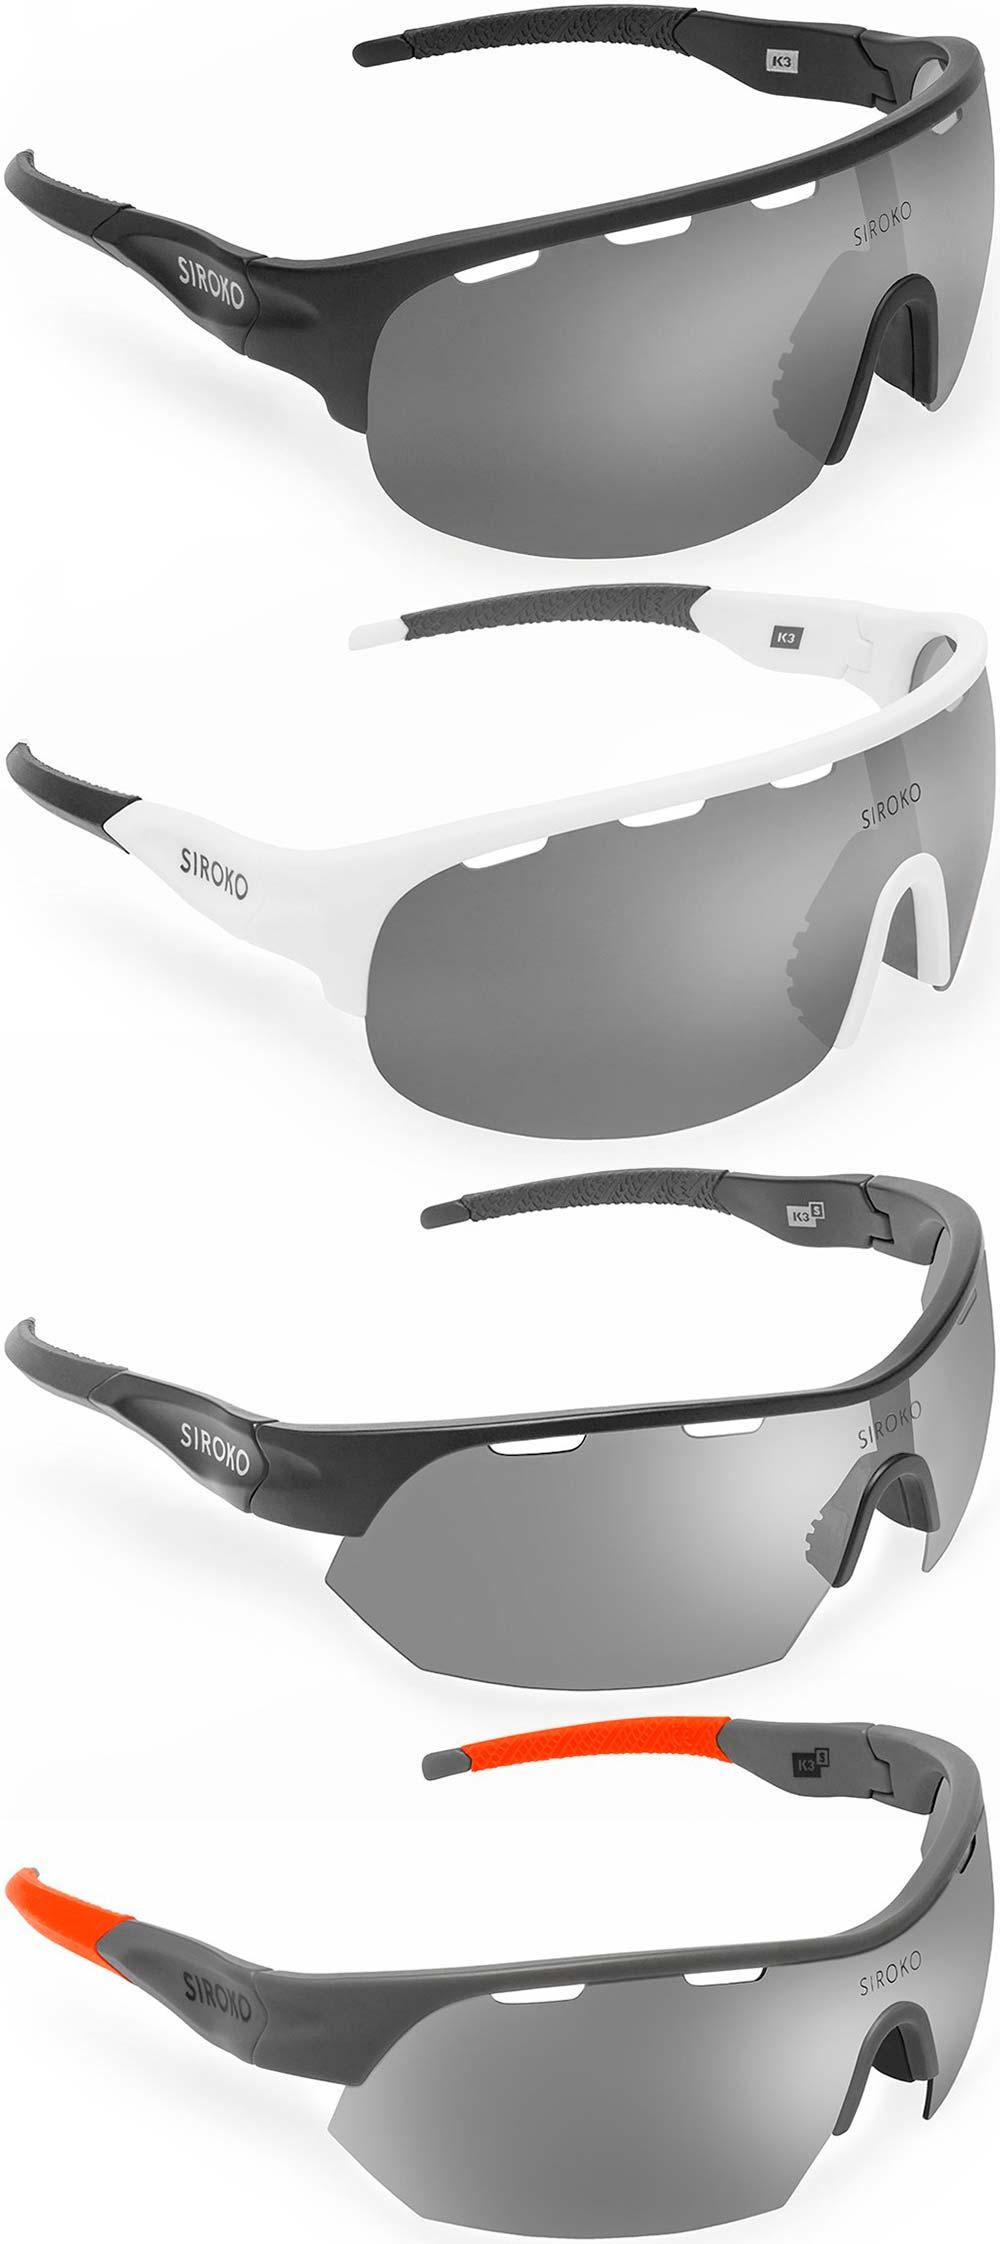 fotos oficiales c3a8e baea8 Siroko presenta unas gafas envolventes y fotocromáticas a un ...